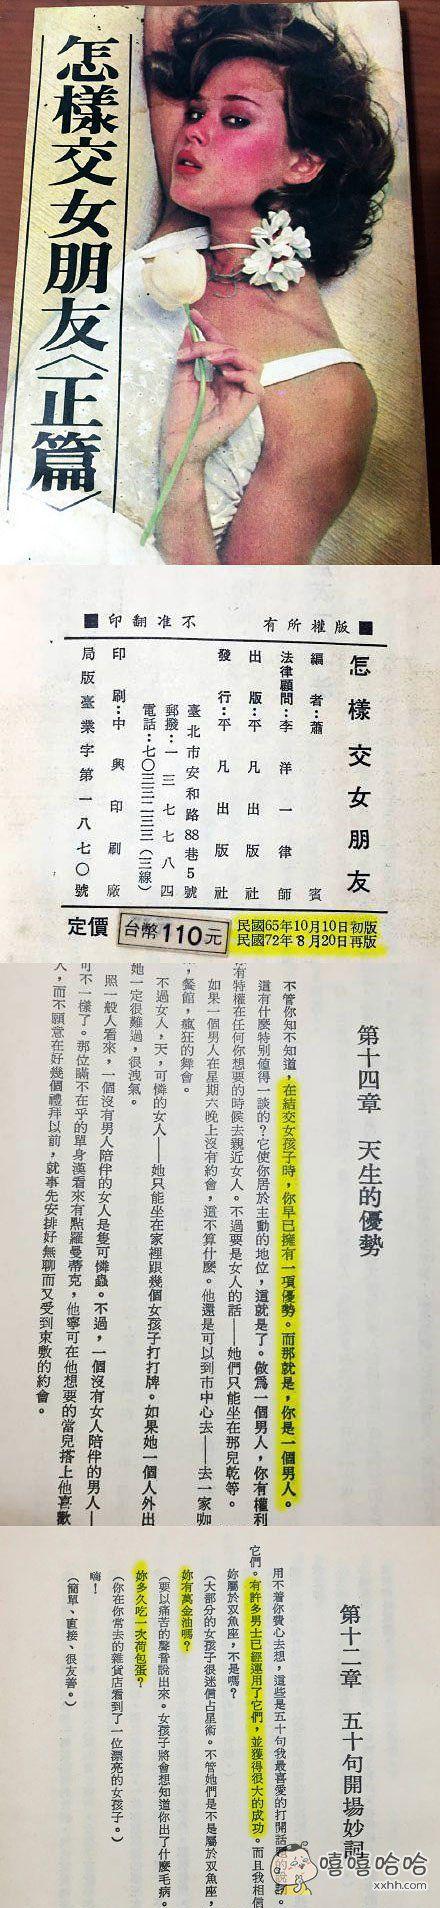 台湾网友在老家发现一本书《怎样交女朋友》